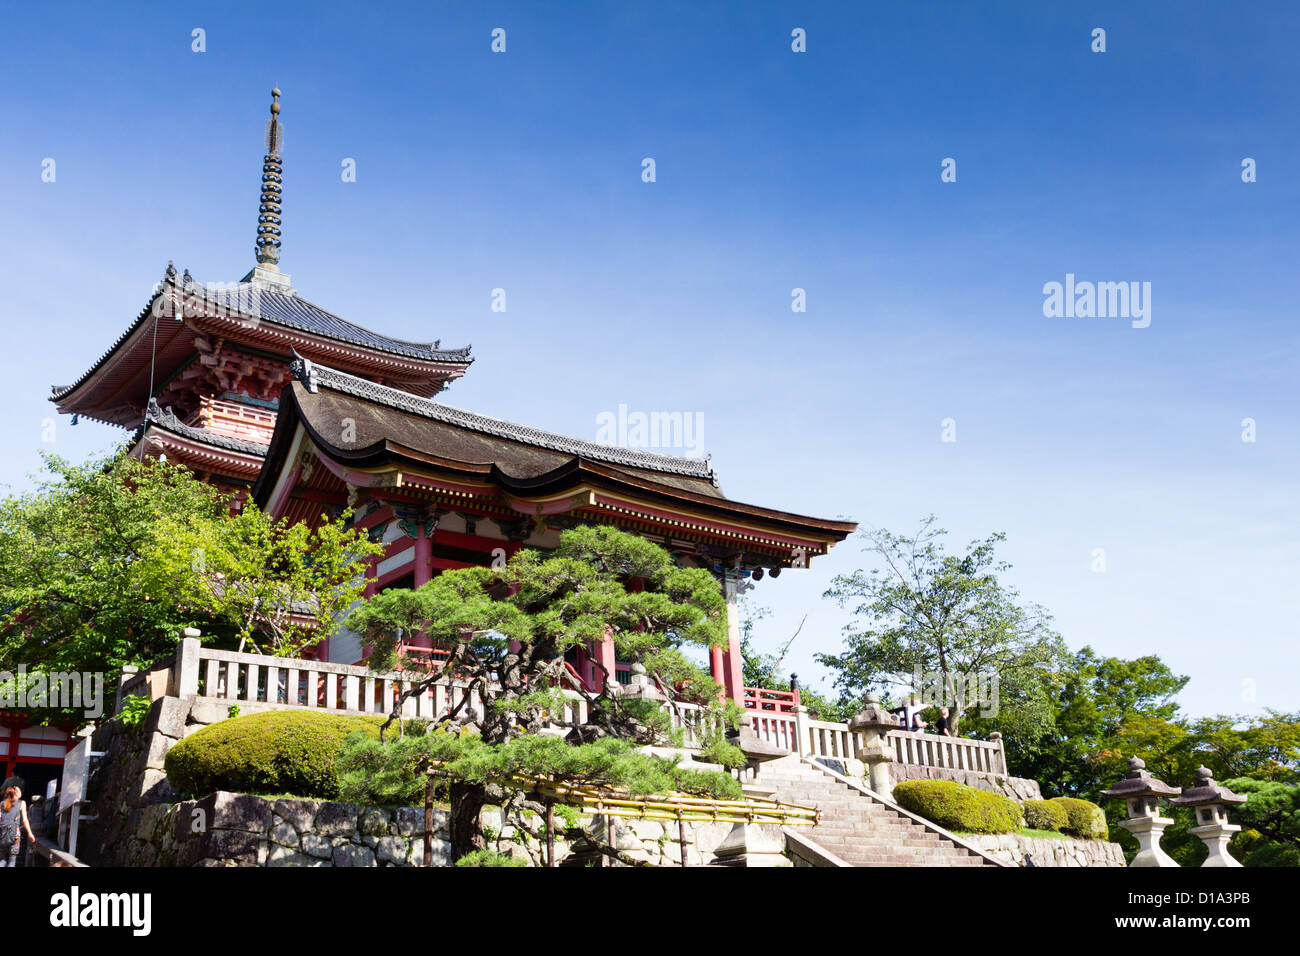 KYOTO, Giappone architettura tradizionale, Kiyomizu-dera tempio. Immagini Stock